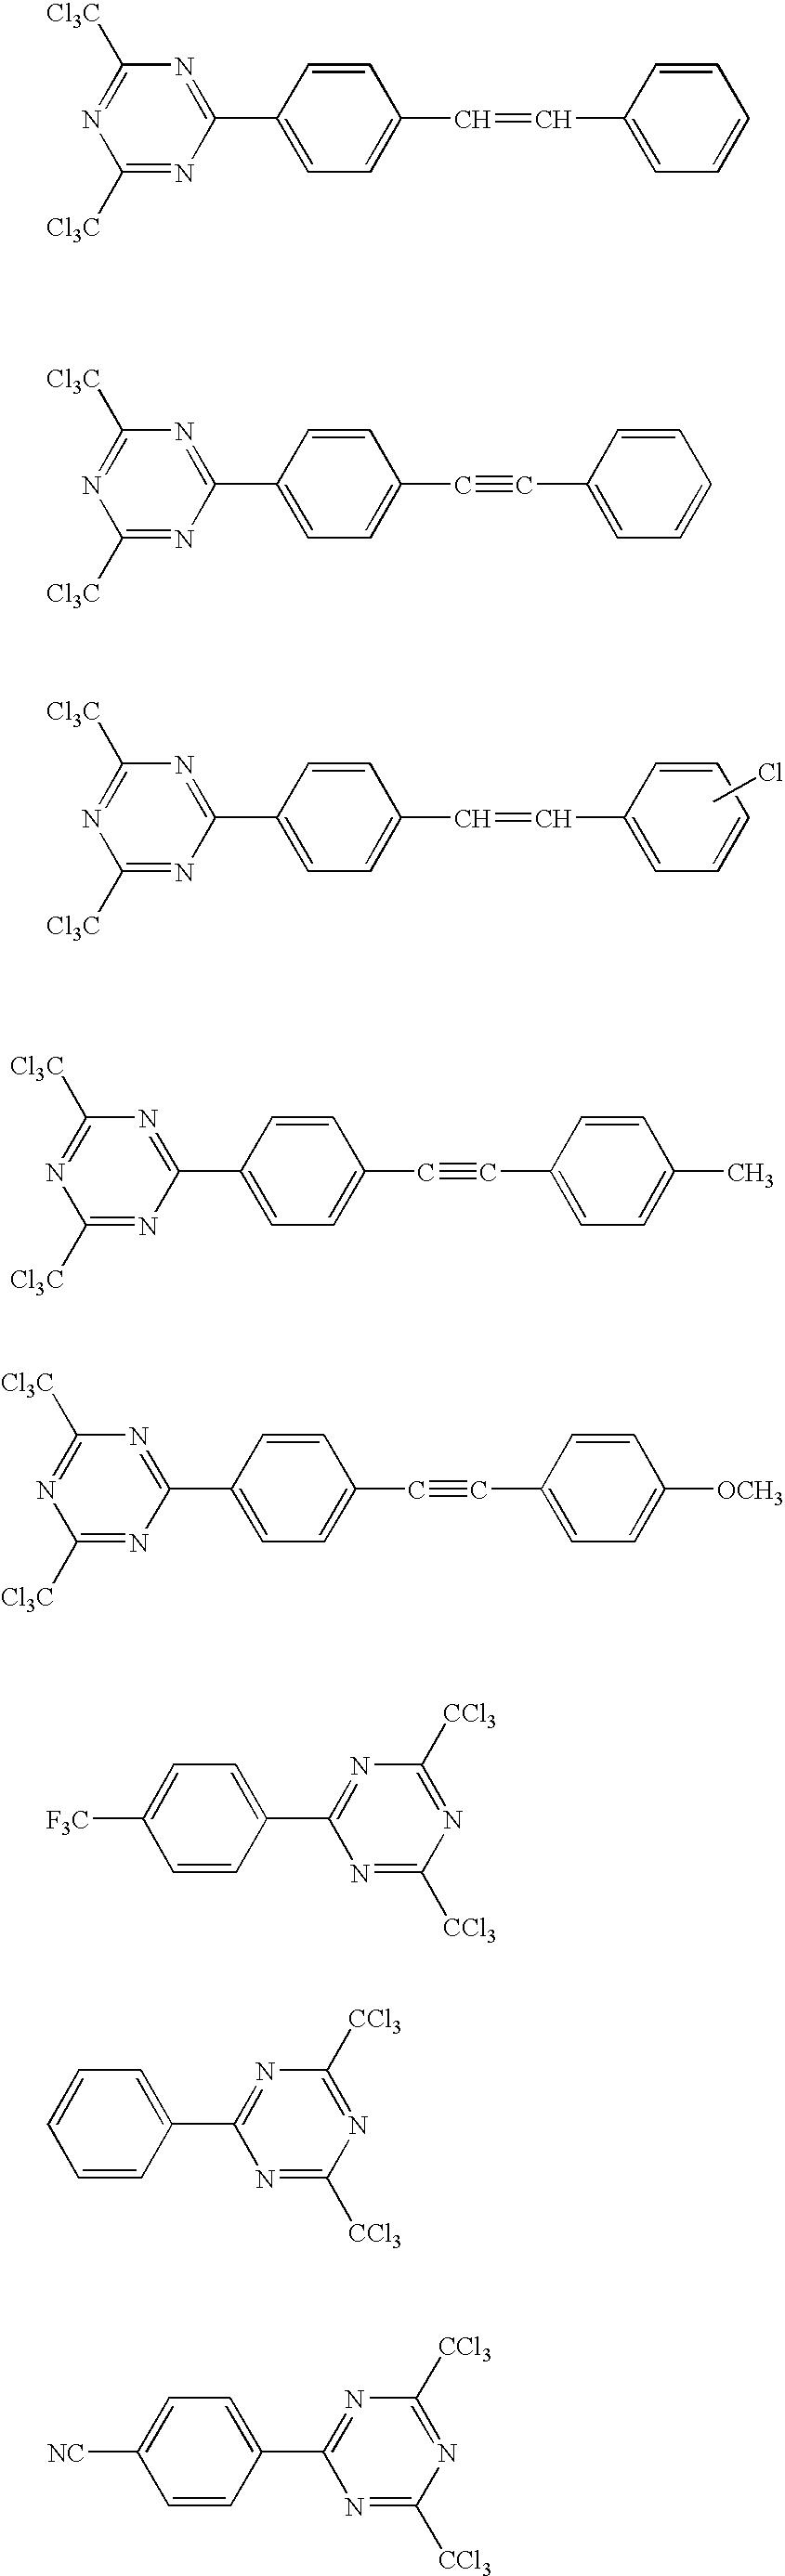 Figure US20090220753A1-20090903-C00028